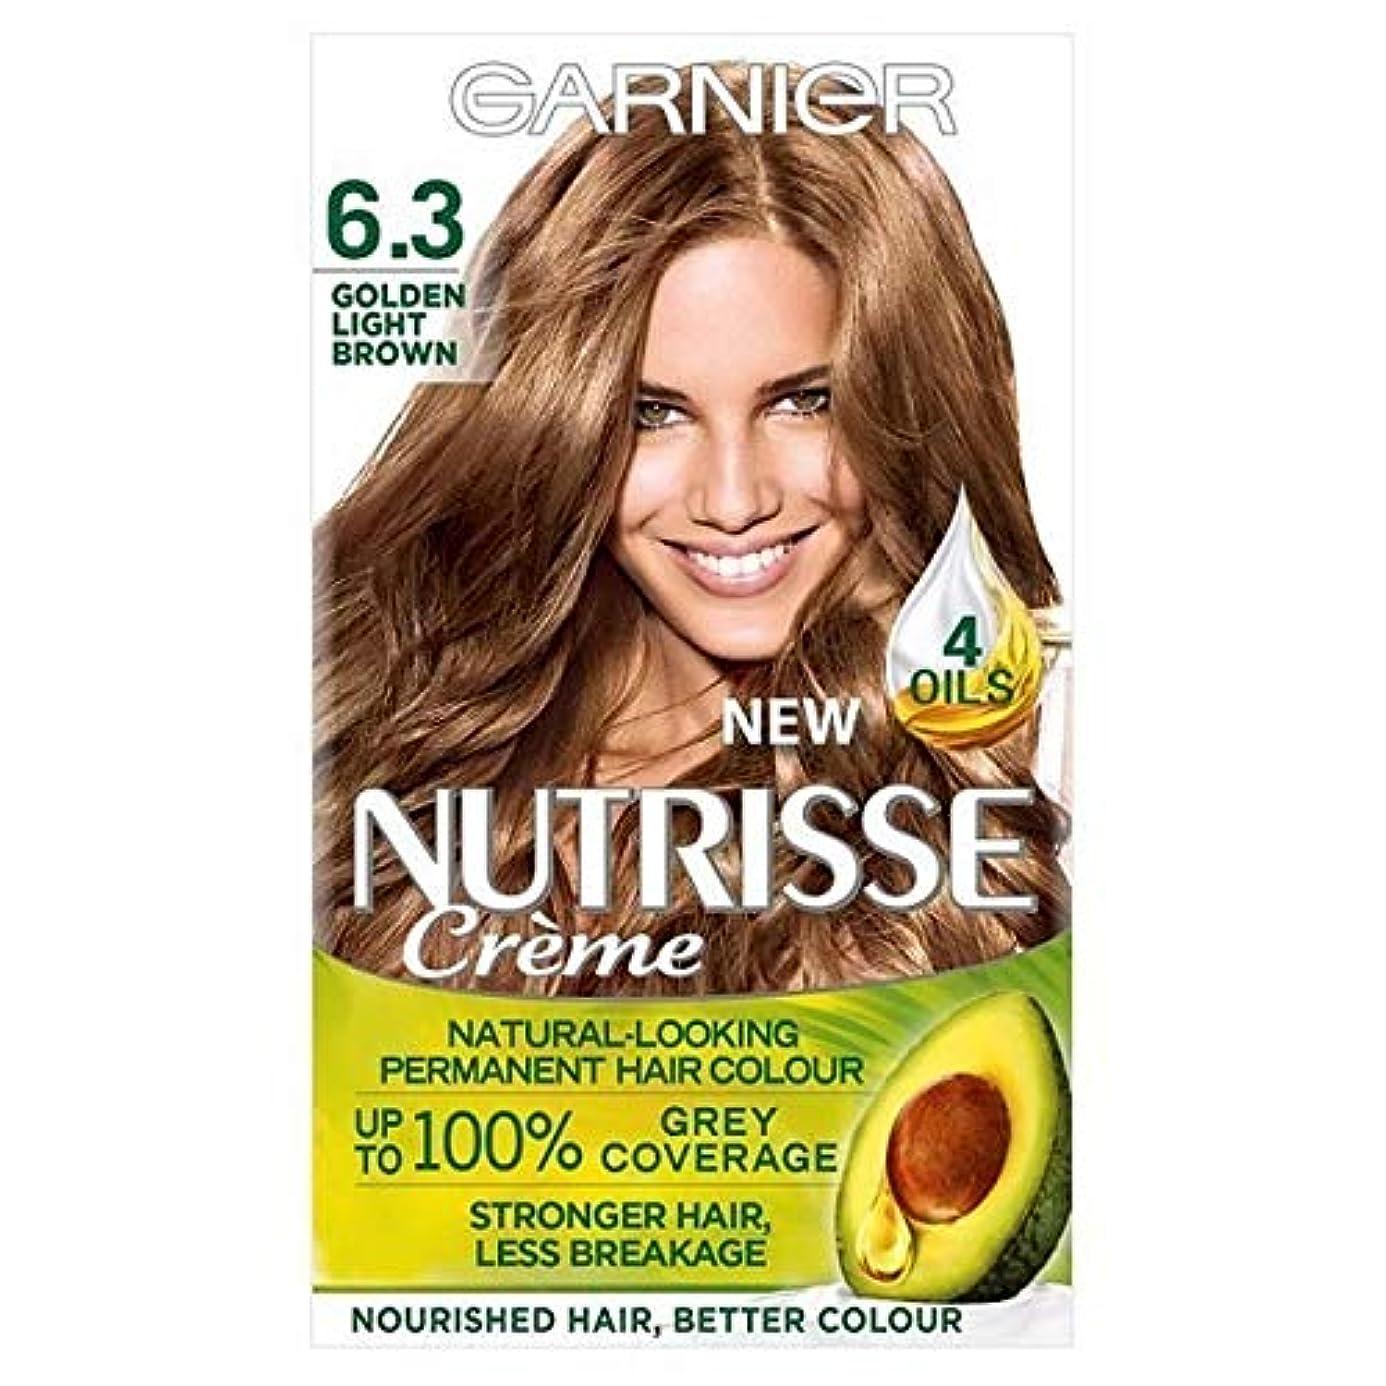 権利を与える銀行答え[Garnier ] ガルニエNutrisse永久染毛剤黄金ライトブラウン6.3 - Garnier Nutrisse Permanent Hair Dye Golden Light Brown 6.3 [並行輸入品]